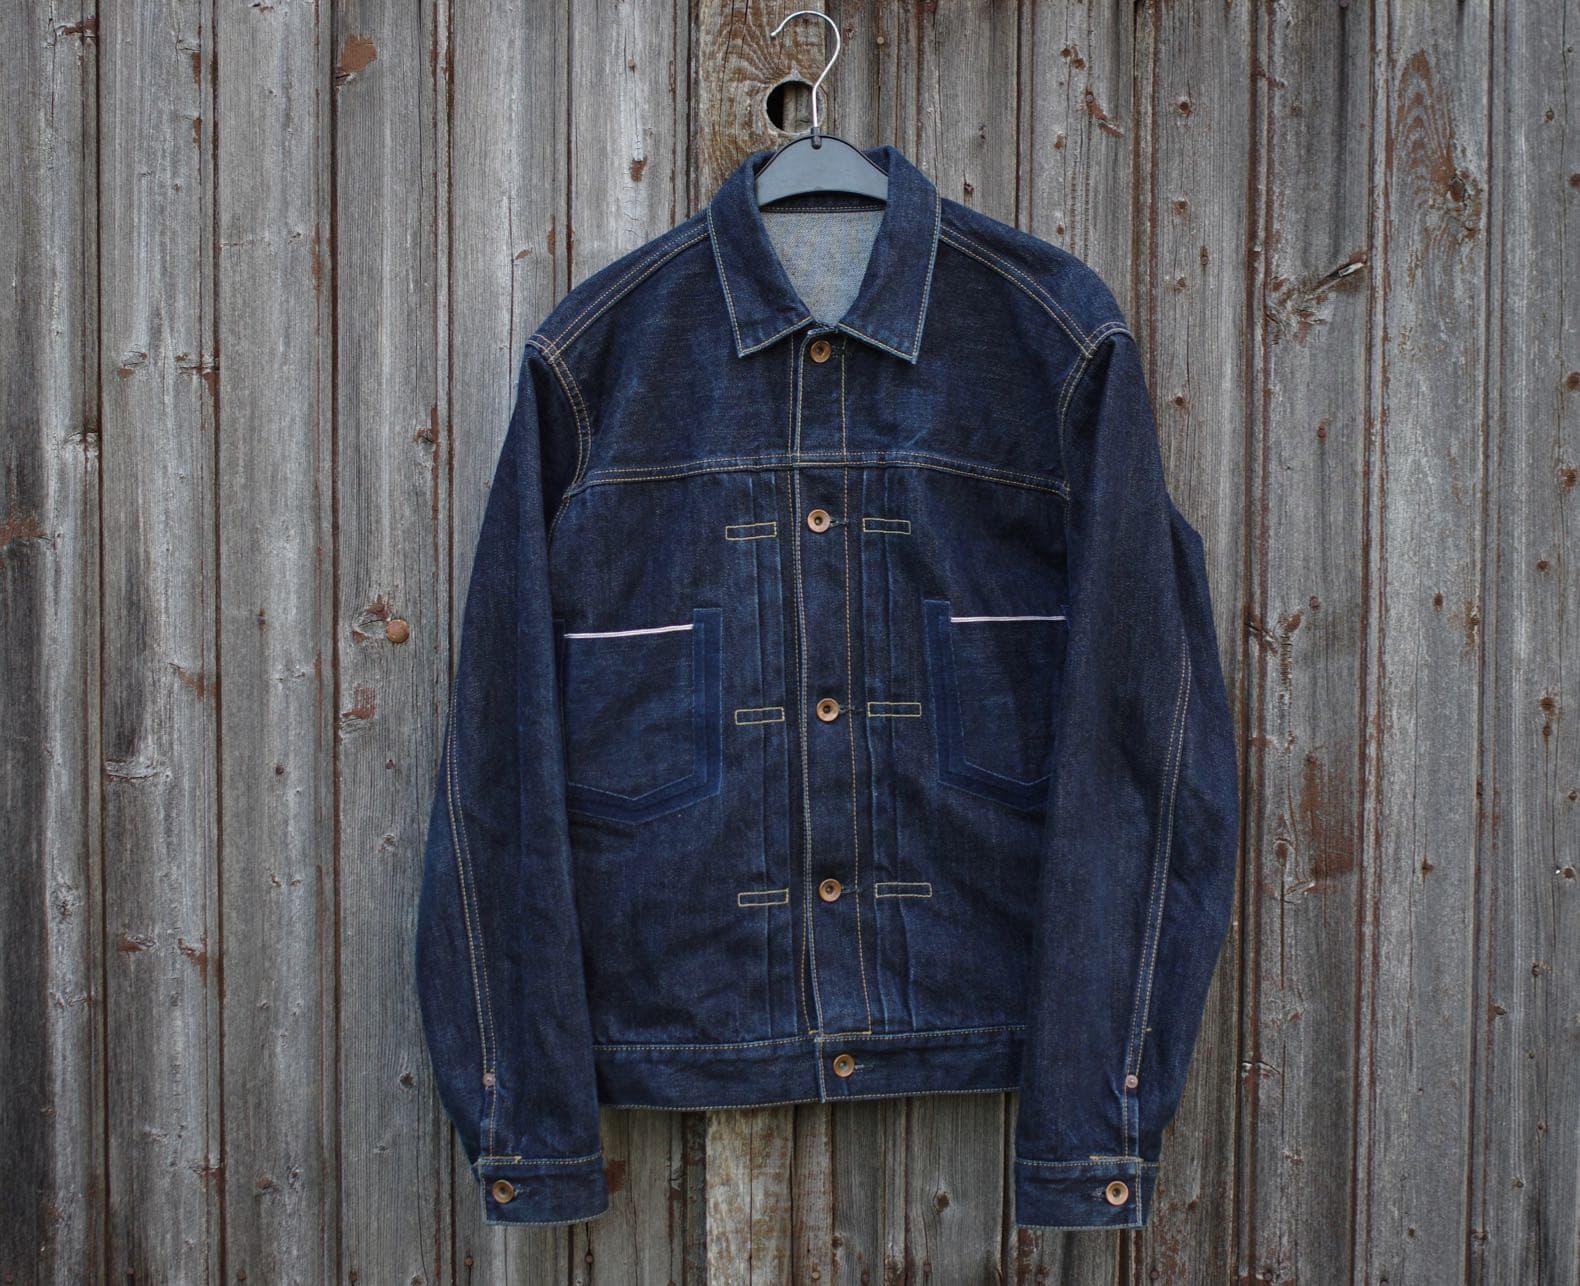 veste en jean brut fabriquée au japon de la marque Phi Denim